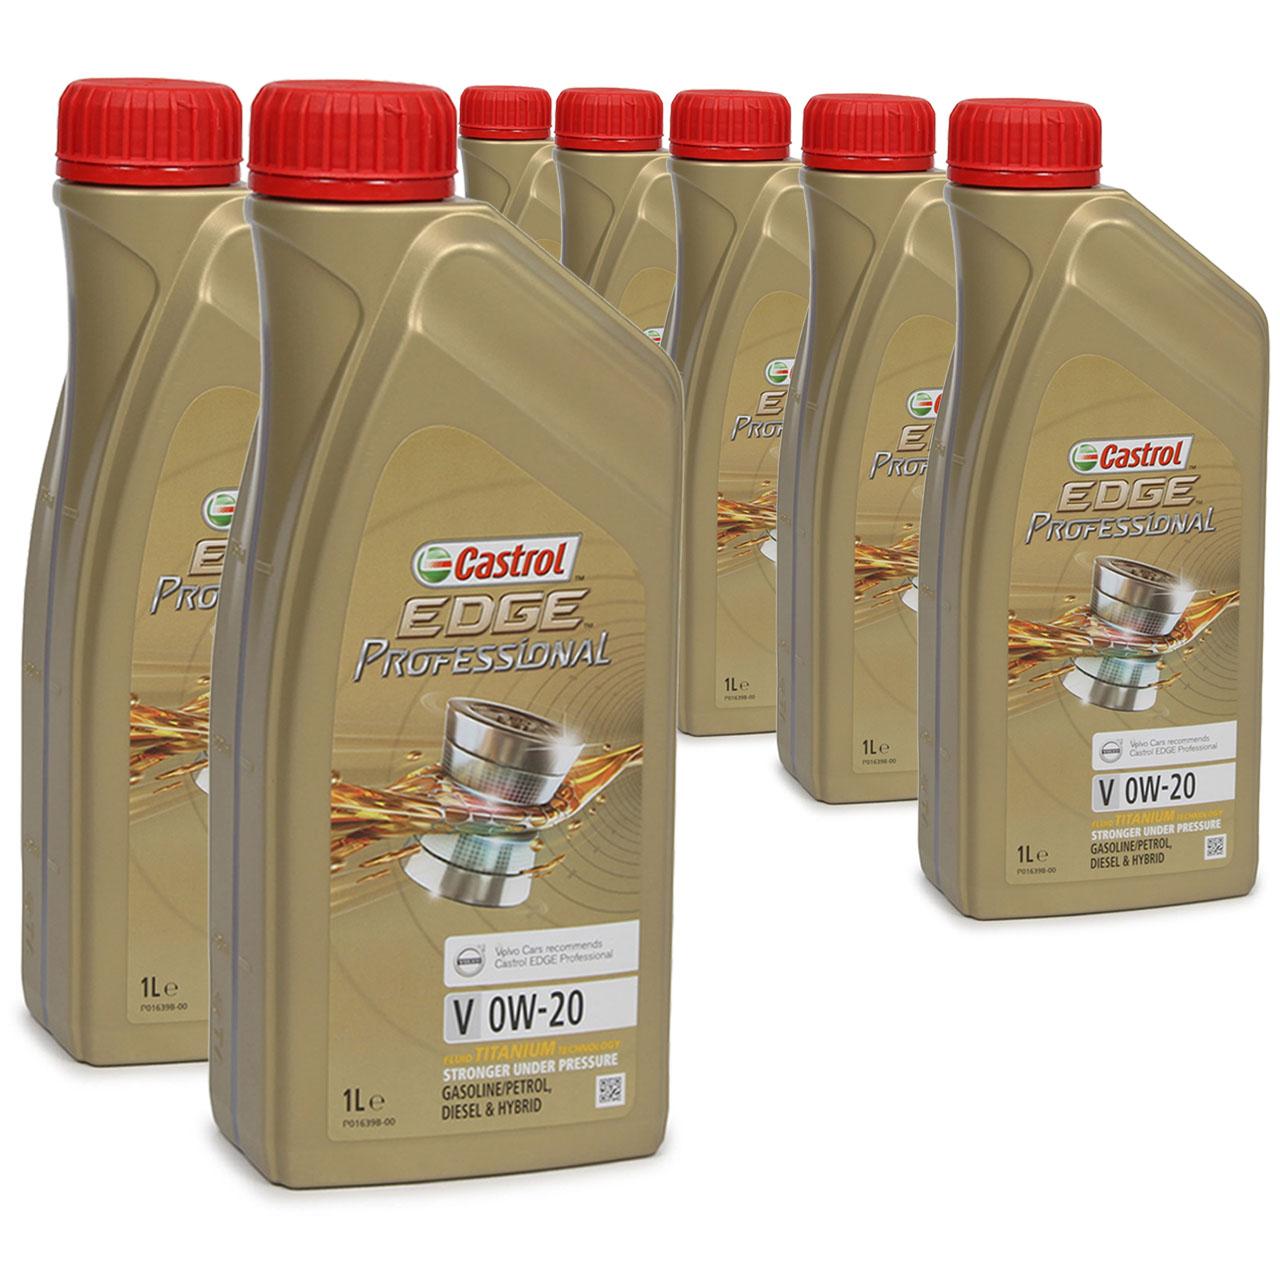 CASTROL EDGE Professional Motoröl ÖL TITANIUM FST V 0W20 C5 für VOLVO - 7 Liter